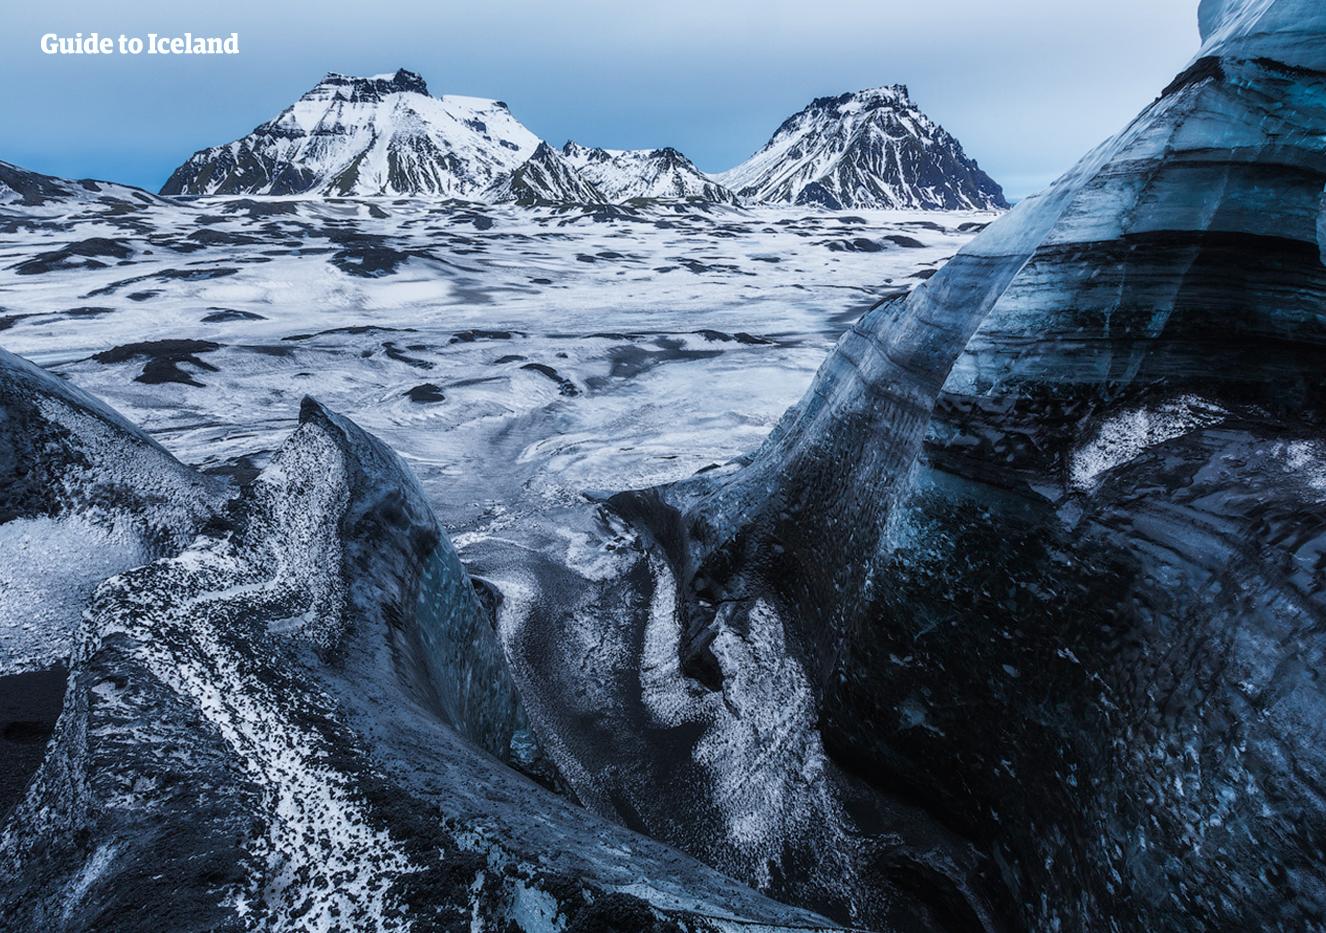 Odwiedź jaskinię lodową w lodowcu Mýrdalsjökull dzięki tej fantastycznej kombinacji wycieczek.